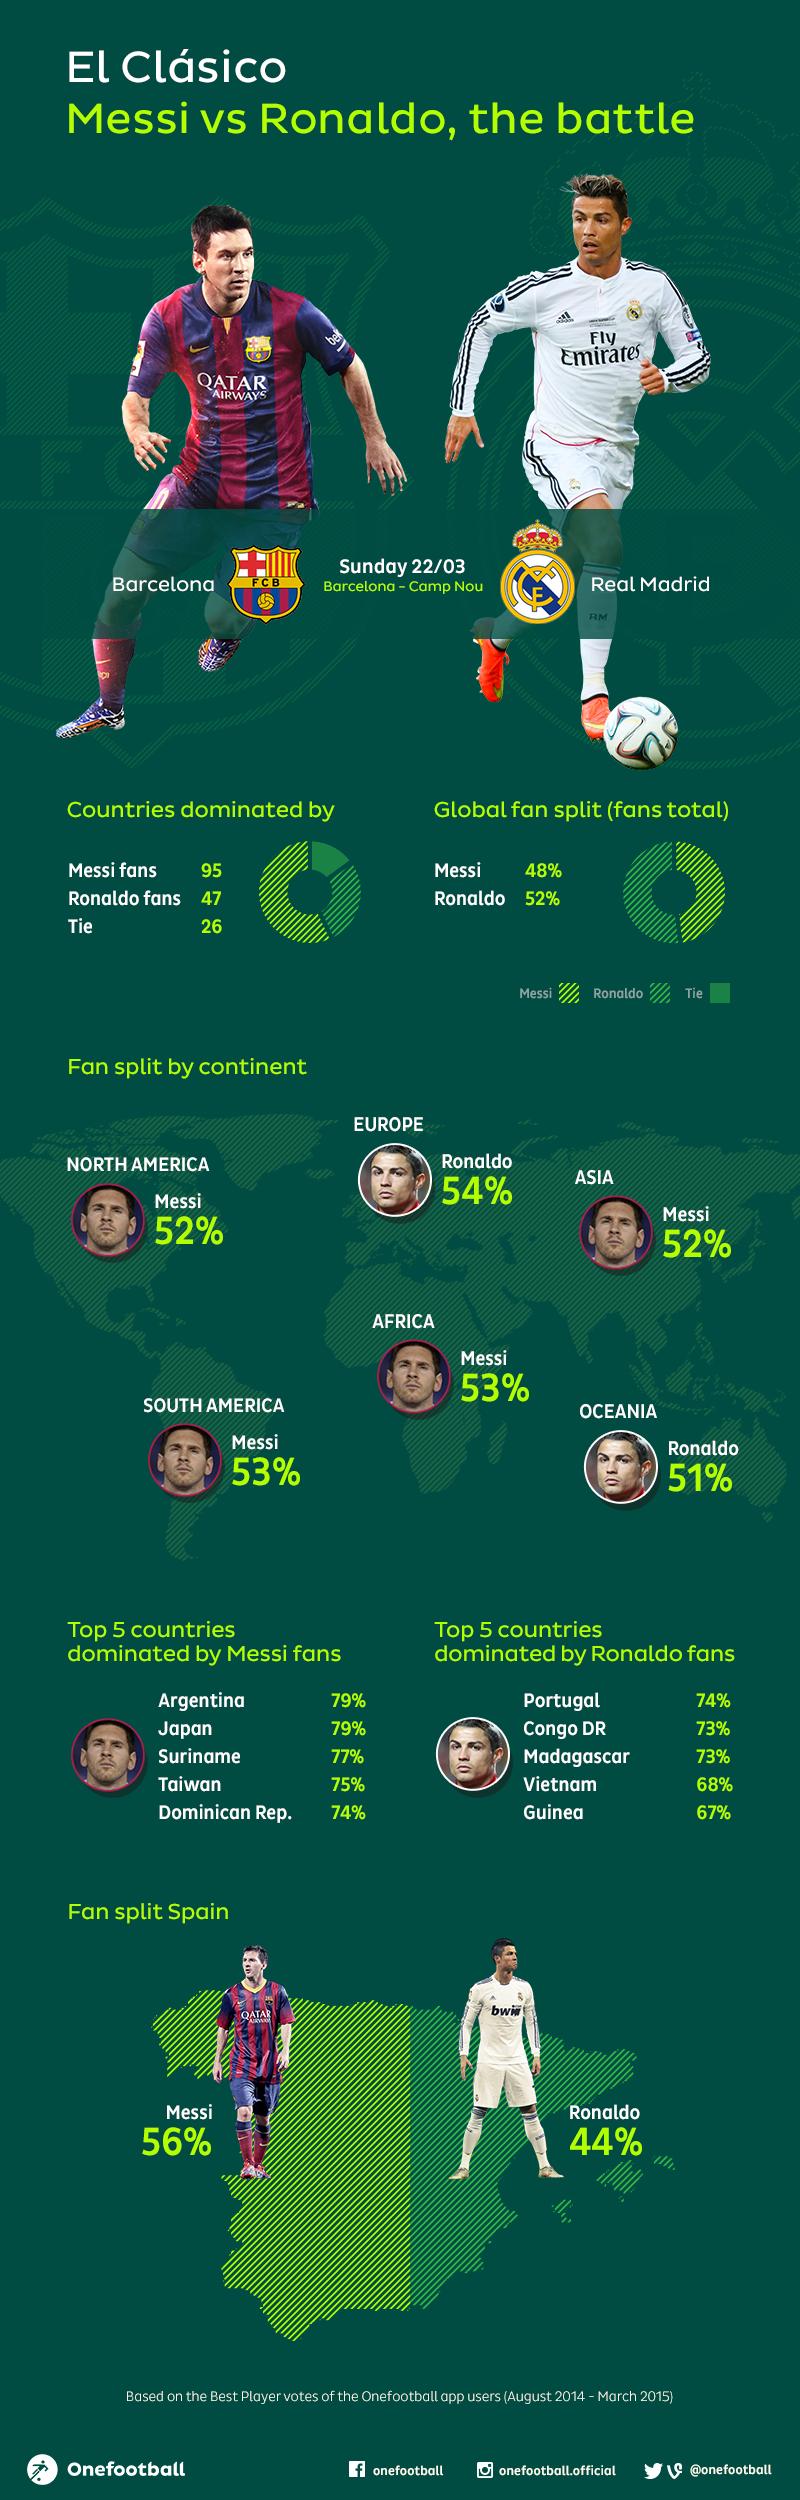 El Clasico Infographic: Lionel Messi vs Cristiano Ronaldo